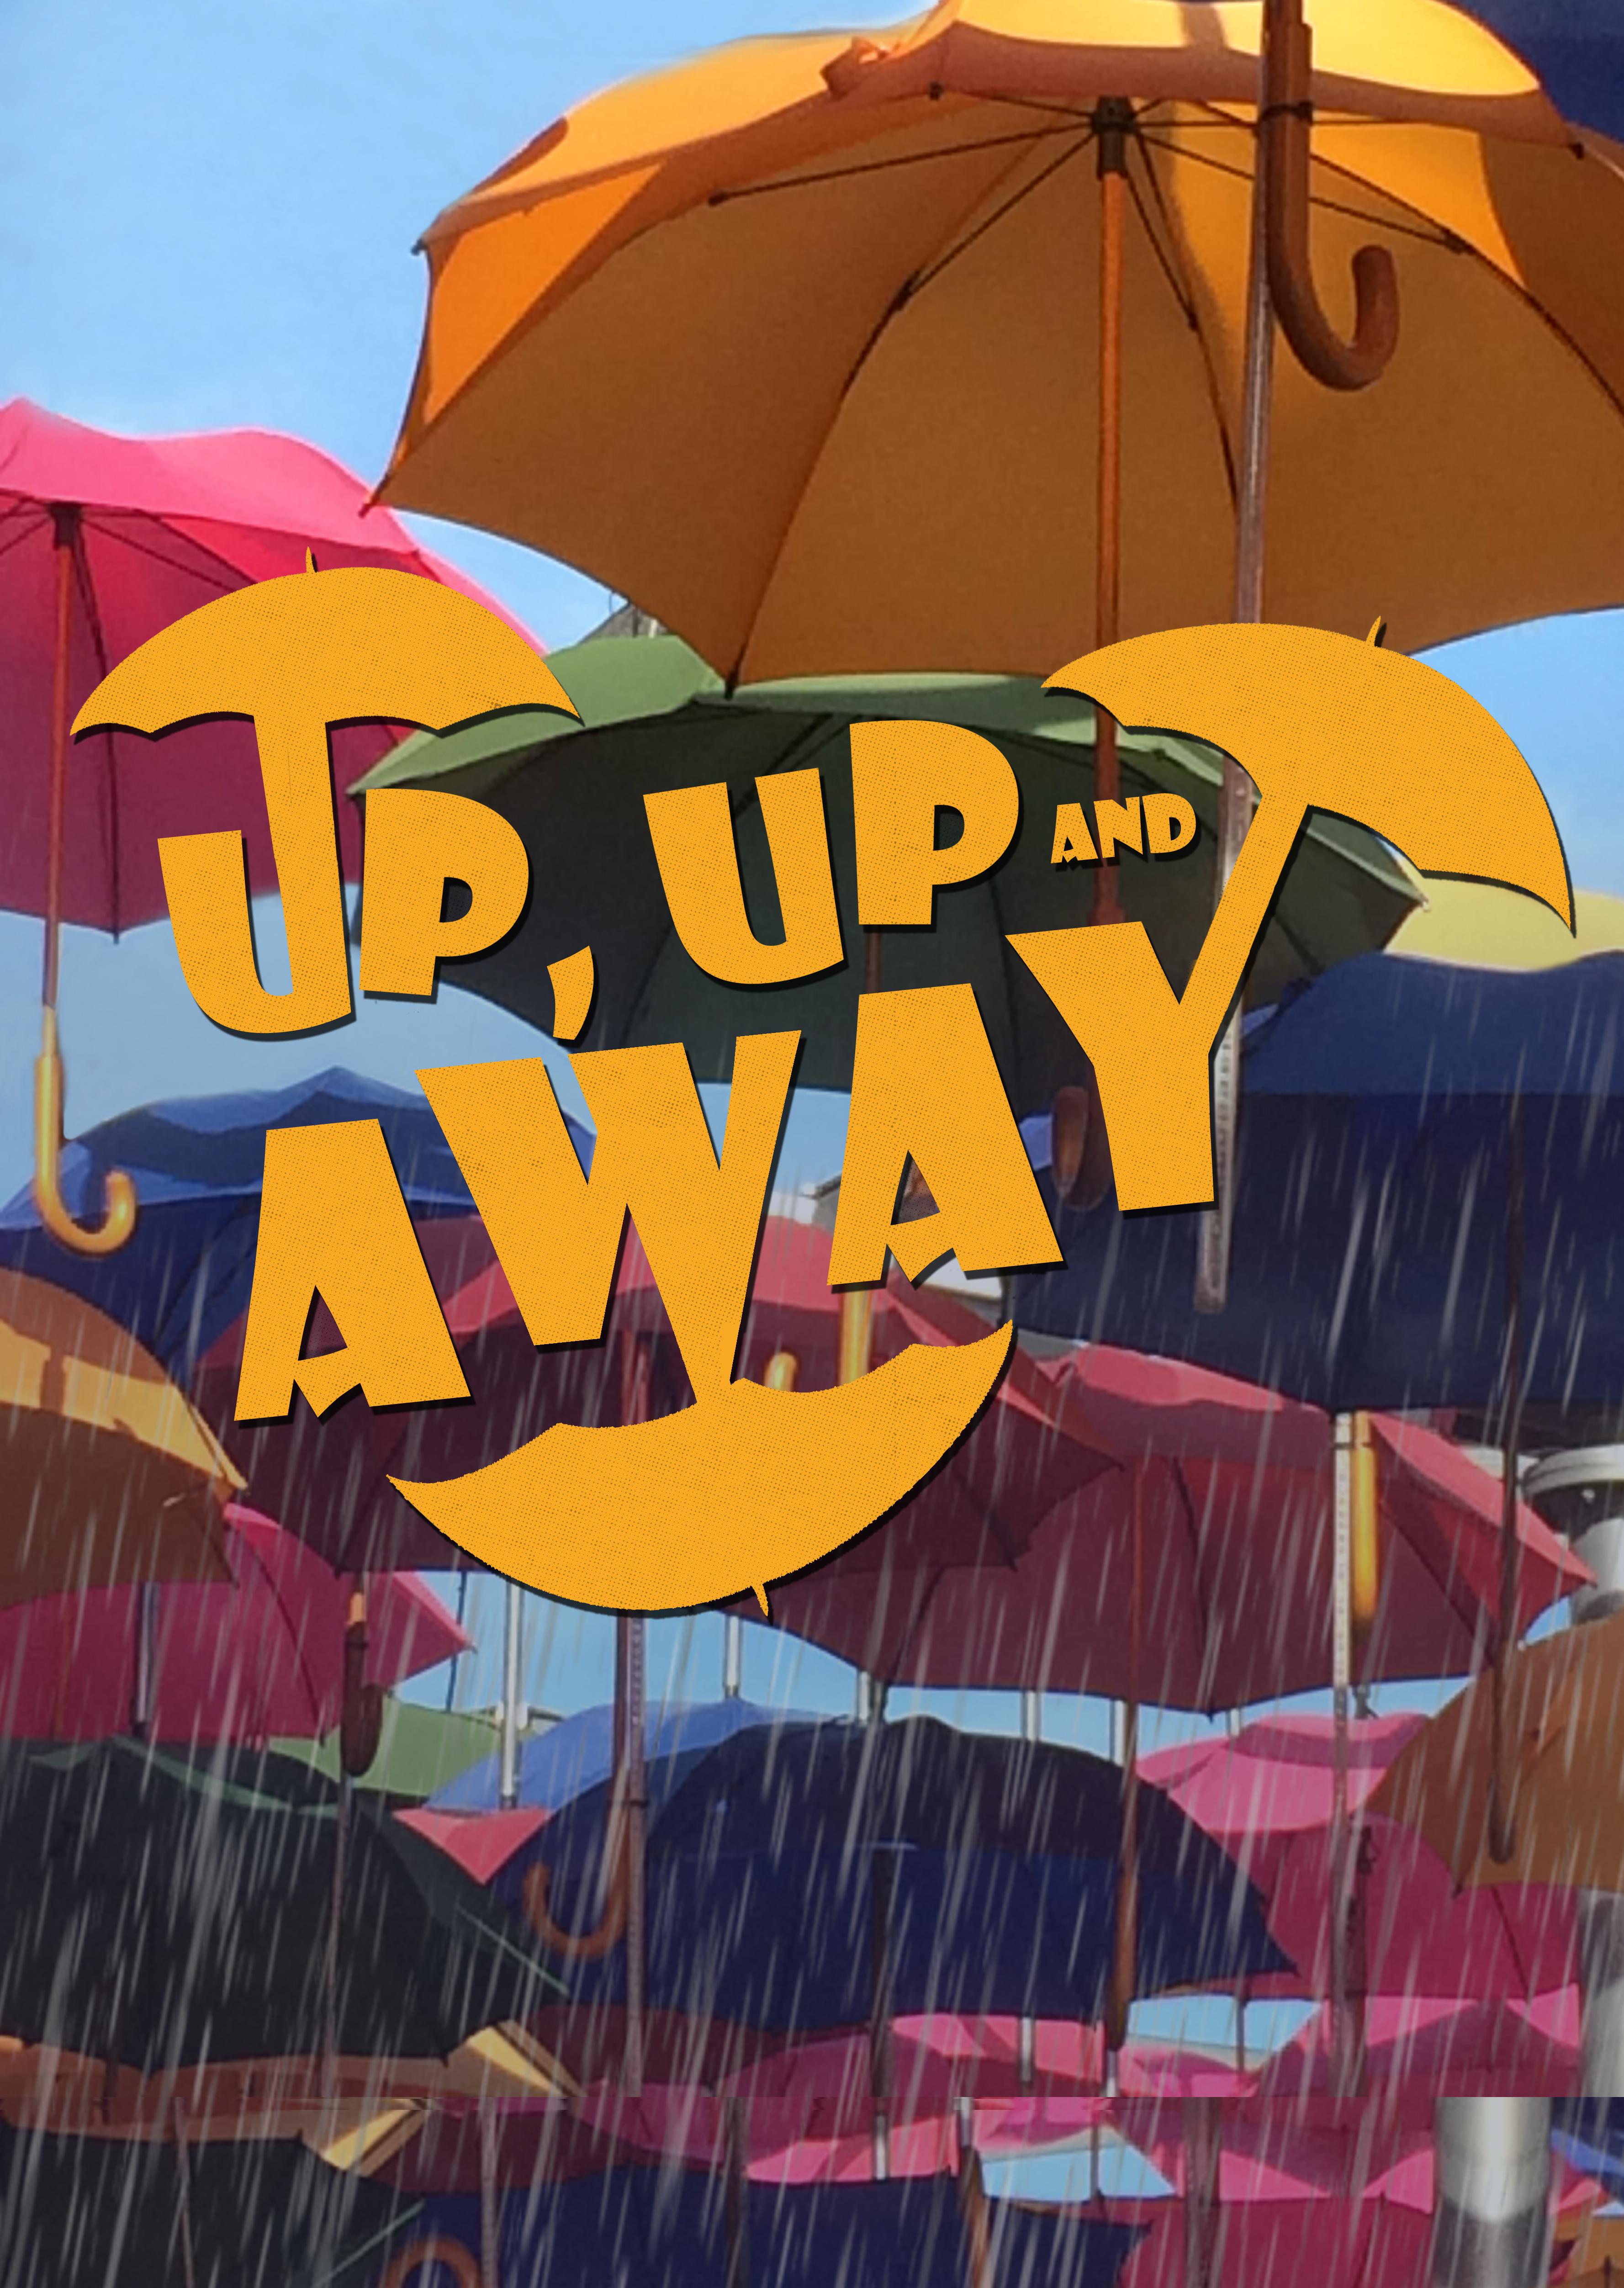 UpUpAway-clean